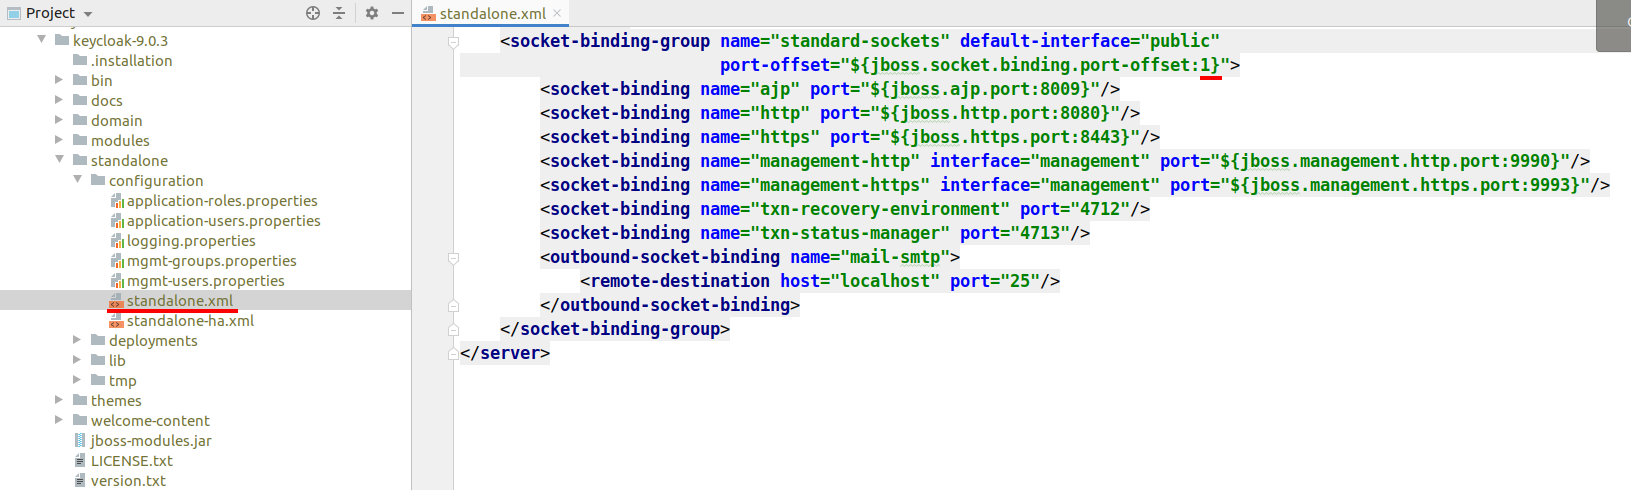 Keycloak default port change